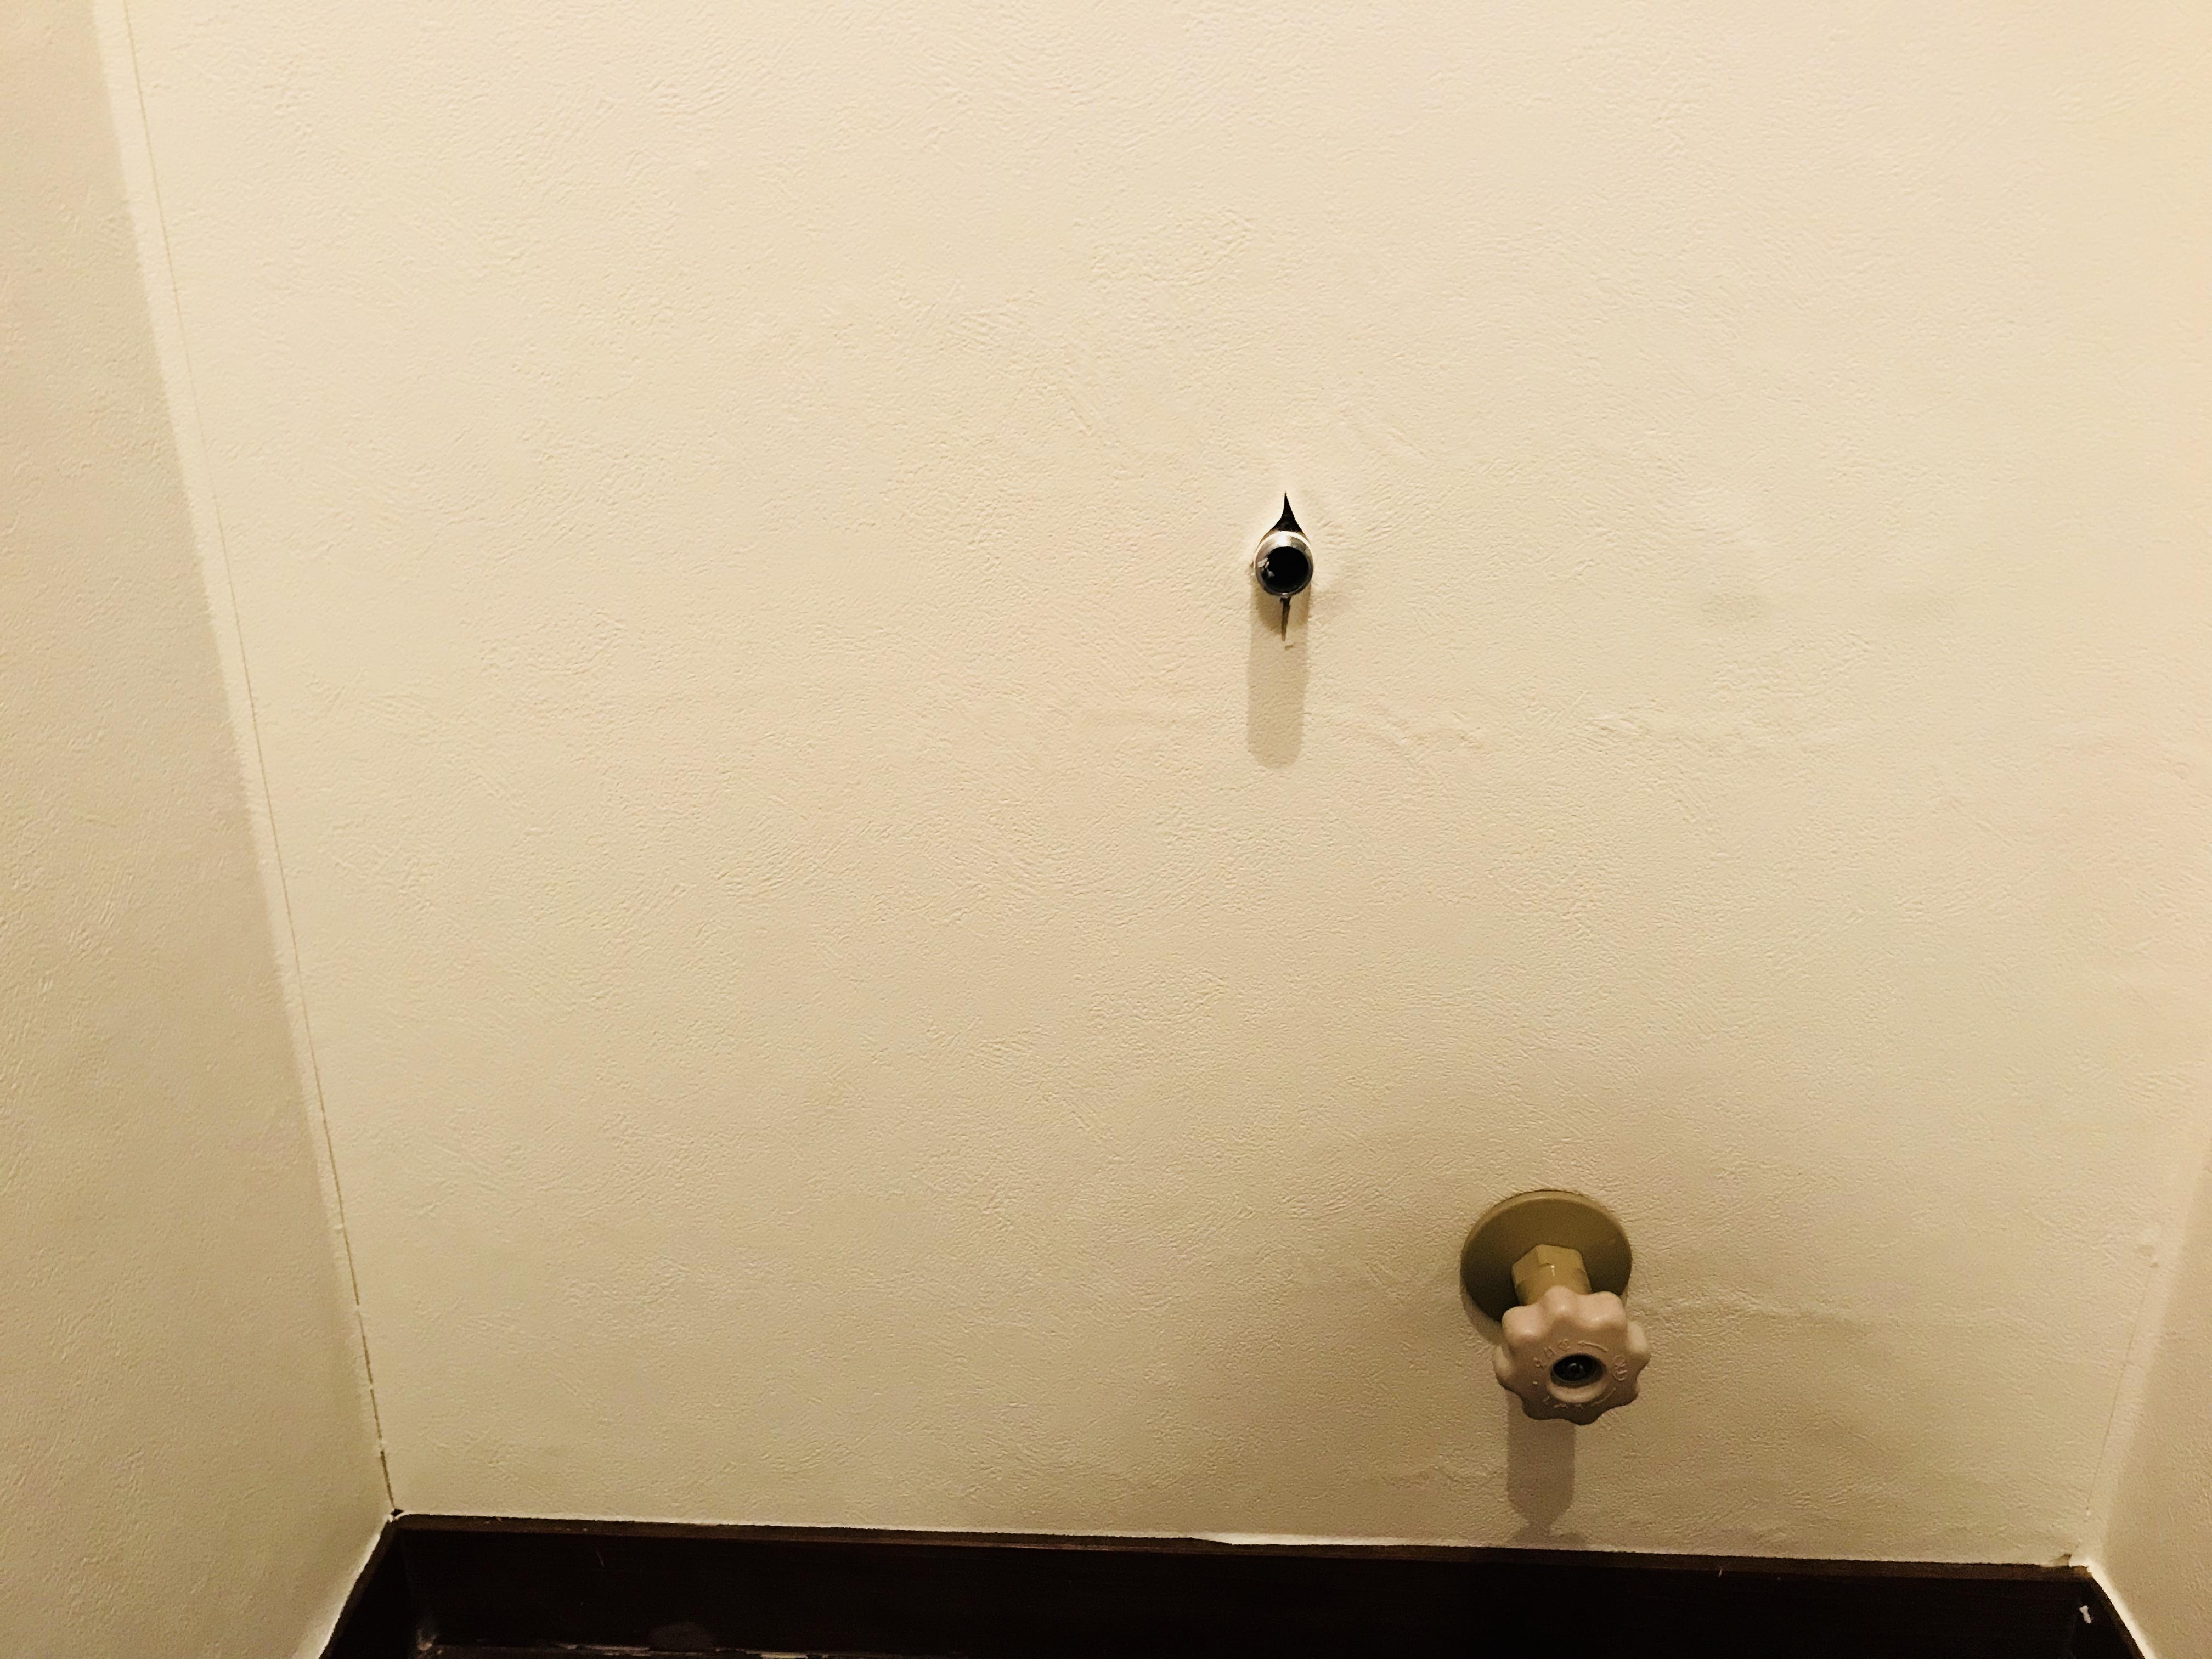 トイレの壁紙をDIYで貼り替え